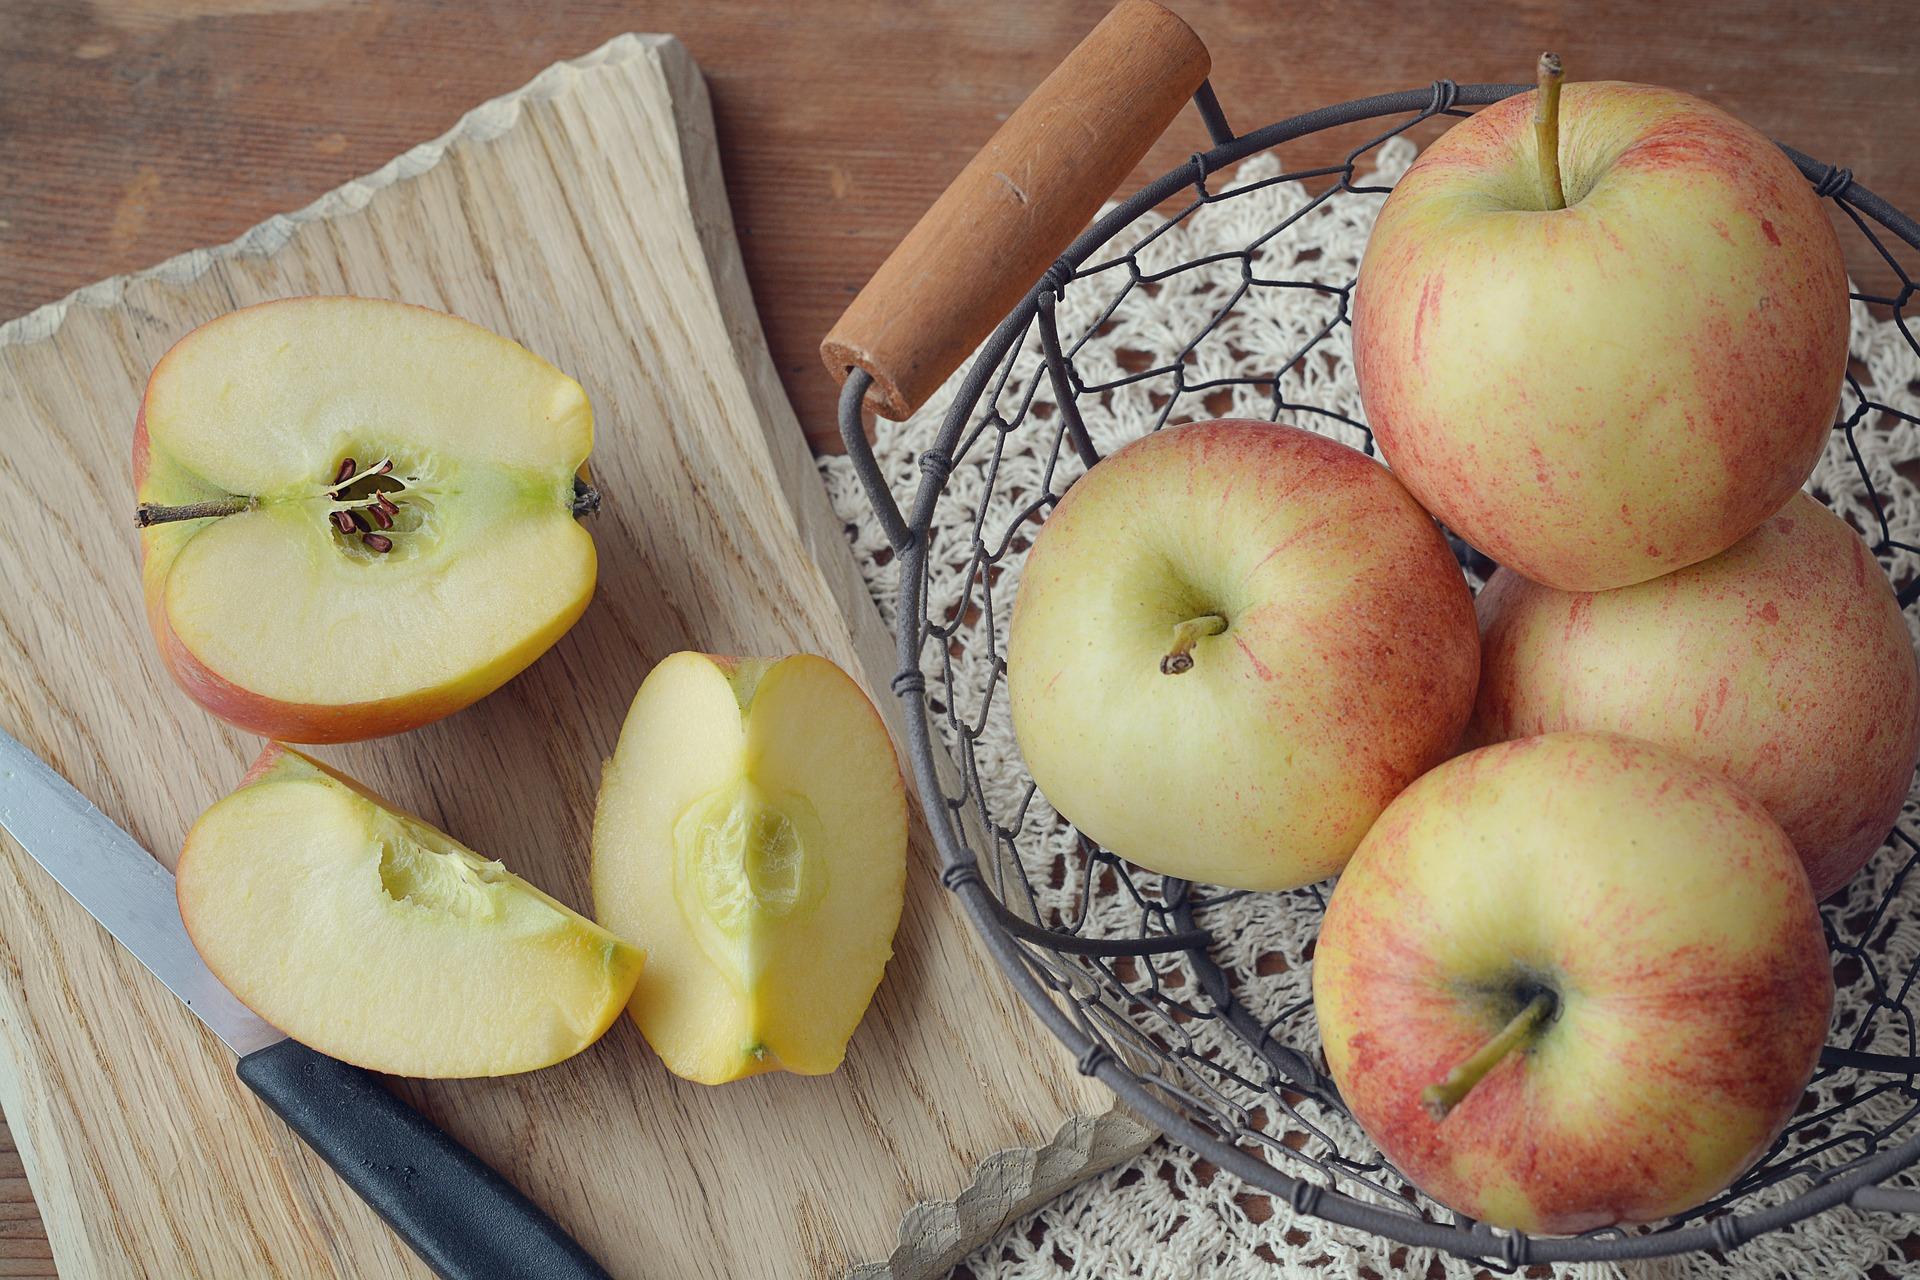 caponata di mele bianca